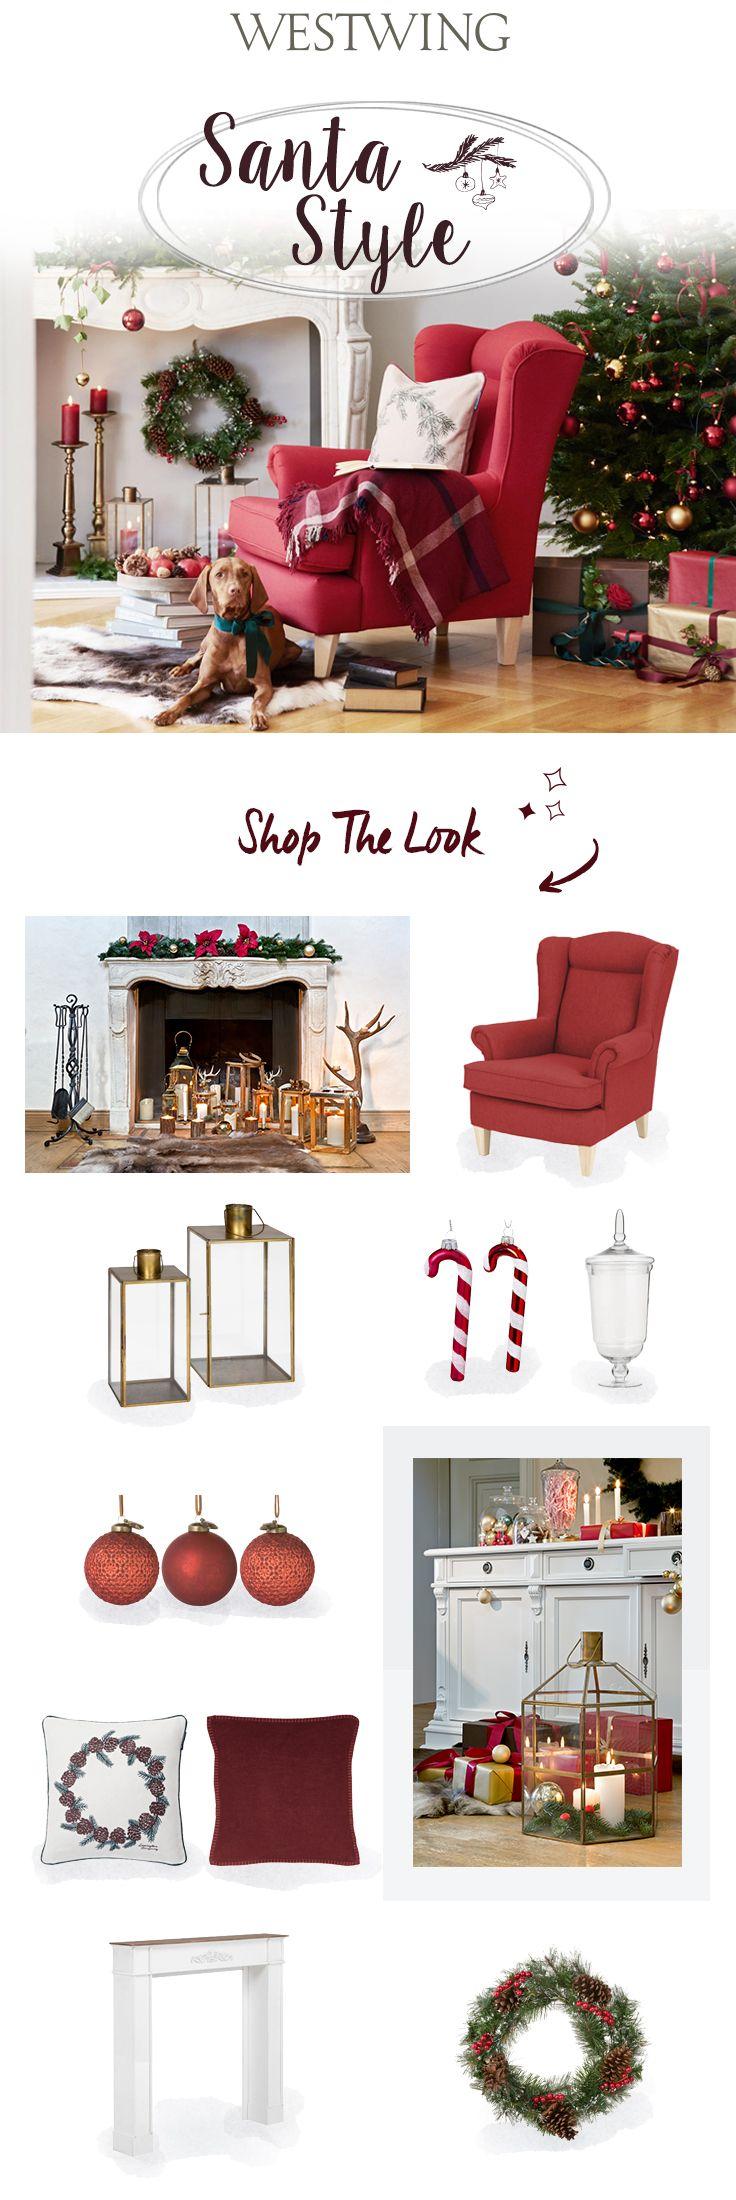 So funktioniert der Look»Santa Style«: Du träumst von einem Weihnachten im typisch amerikanischen Style? Dann dürfen Rot, Tannengrün und ganz viel Gold nicht fehlen. Key-Piece für den klassischen Look: ein roter Ohrensessel! Übrigens: das Styling eignet sich auch perfekt für einen stimmungsvollen Eingangsbereich. Hier fühlt sich die ganze Familie wohl – inklusive tierischer Mitbewohner! Entdecke die passende Themenwelt in unserem Weihnachtsshop bei WestwingNow.